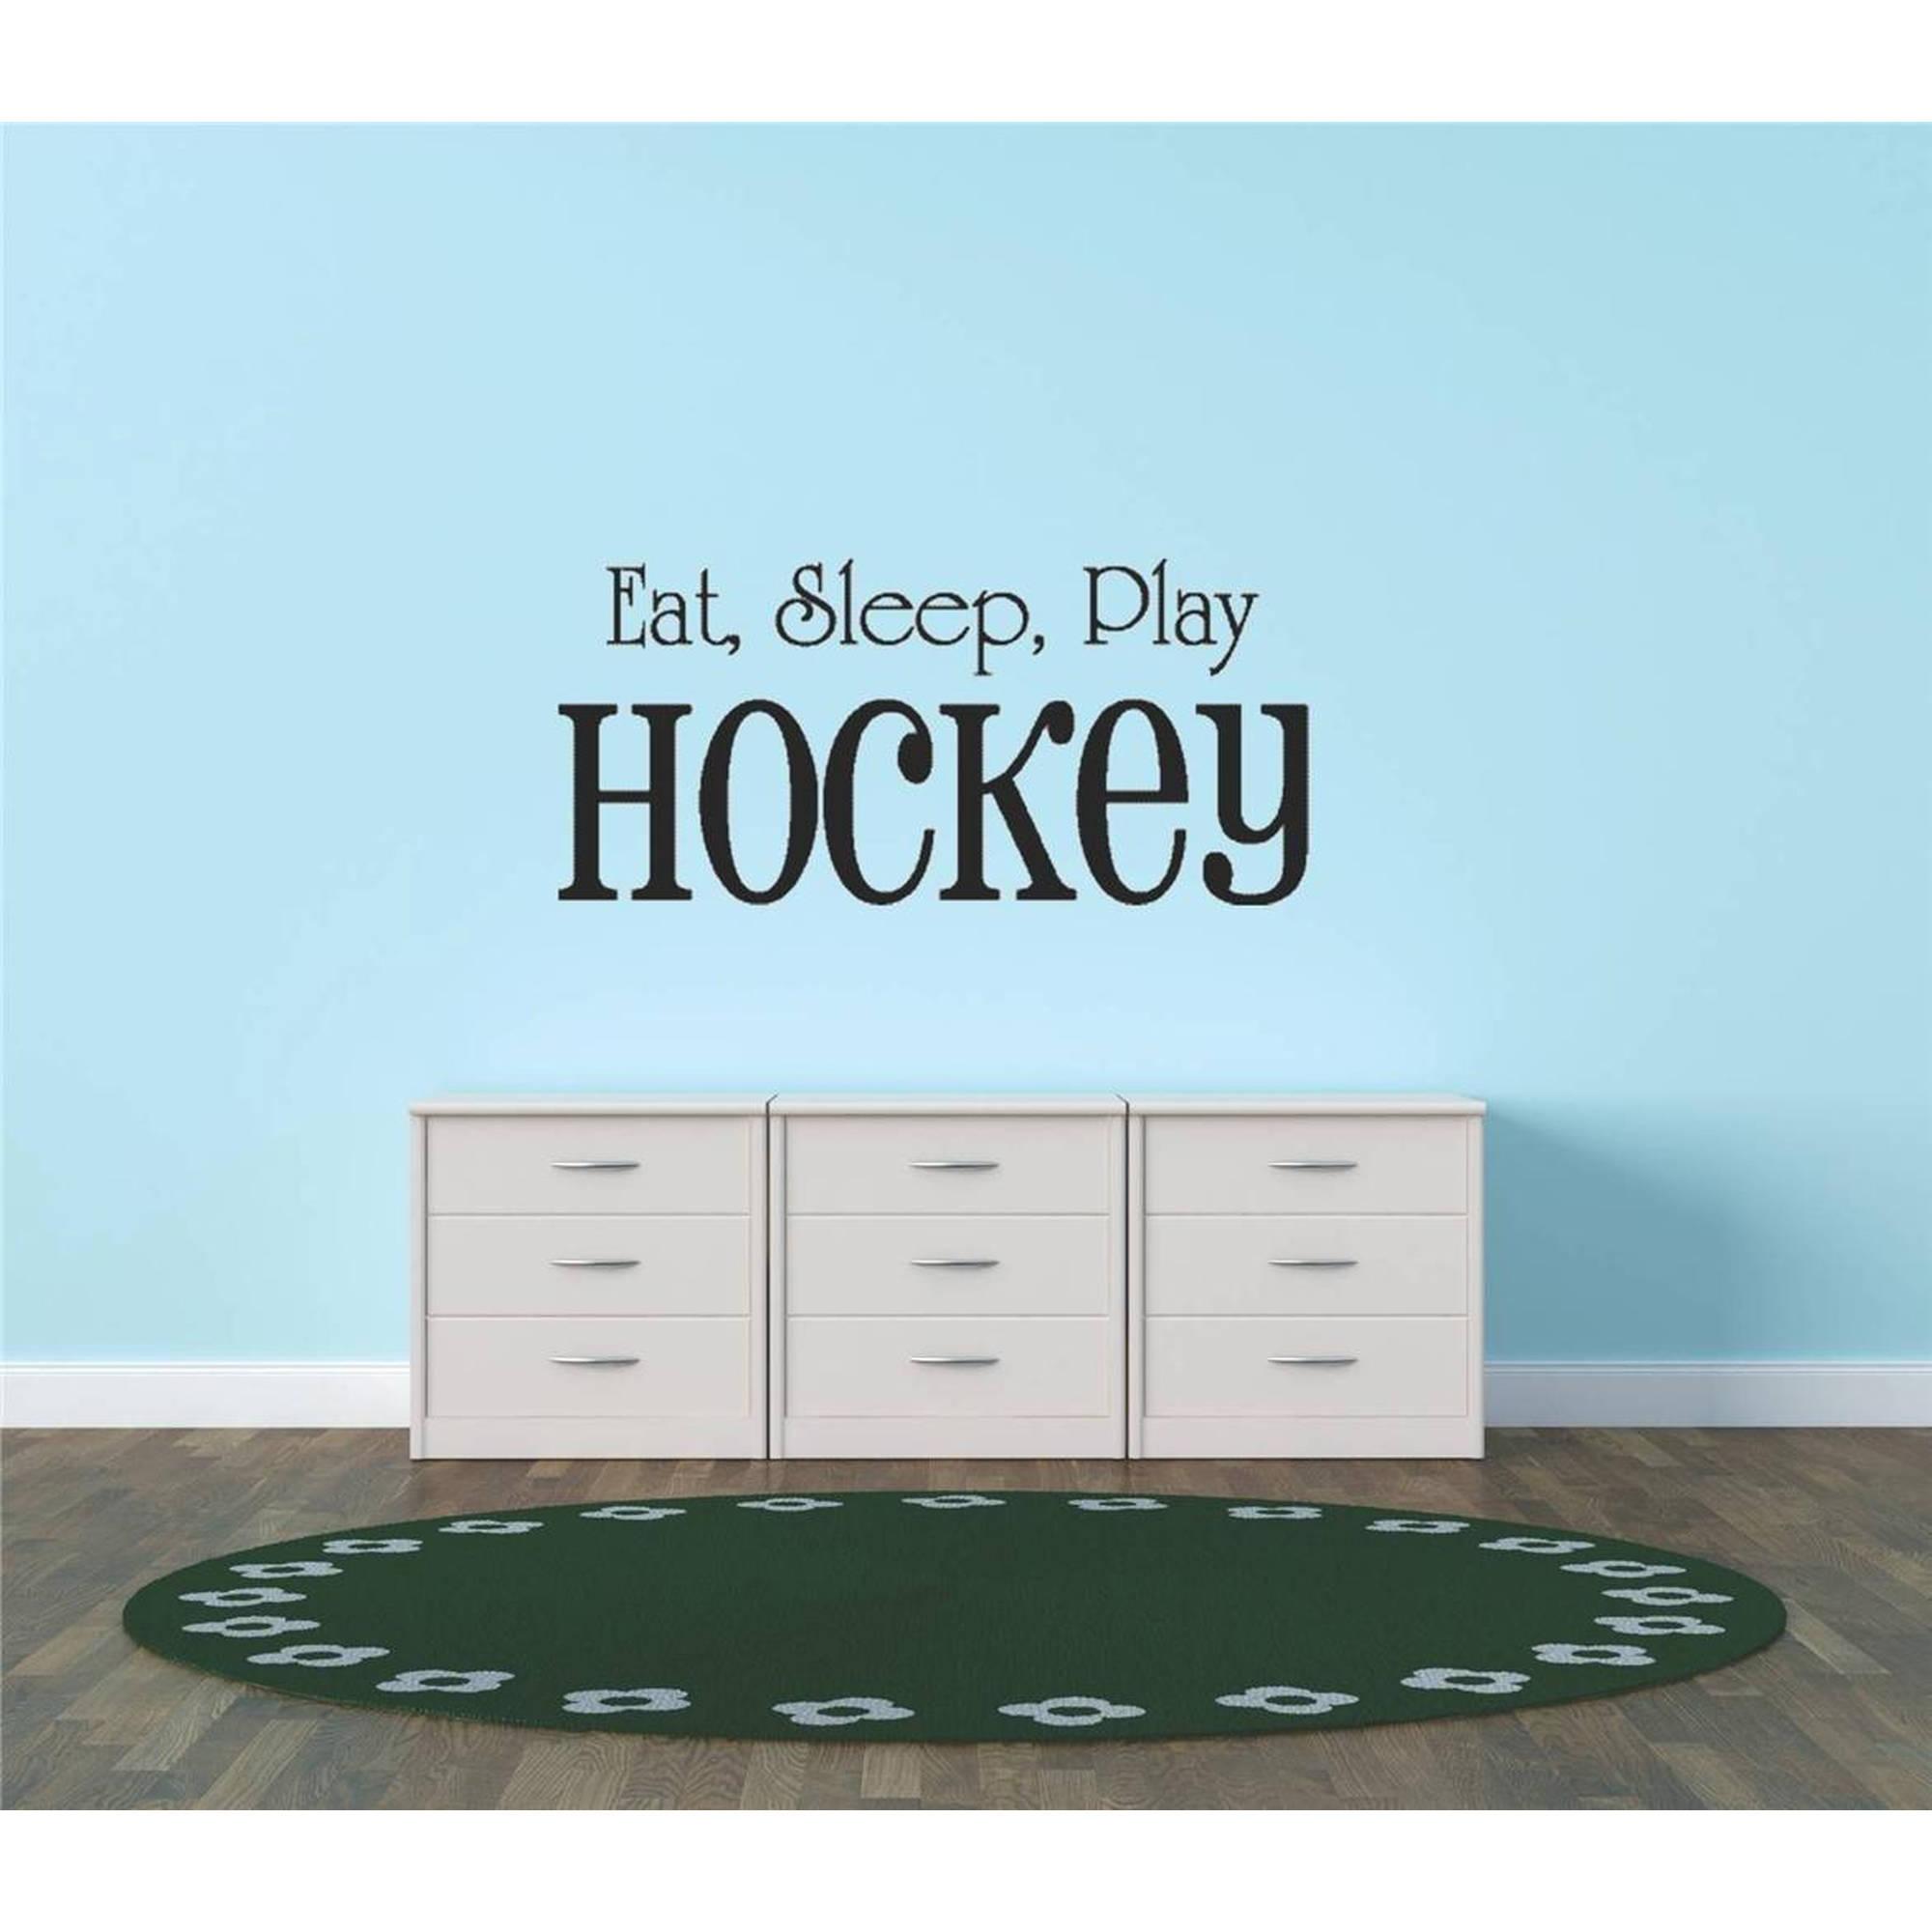 """Eat, Sleep, Play Hockey Bedroom Vinyl Wall Decal  112 8"""" x 20"""" Black"""